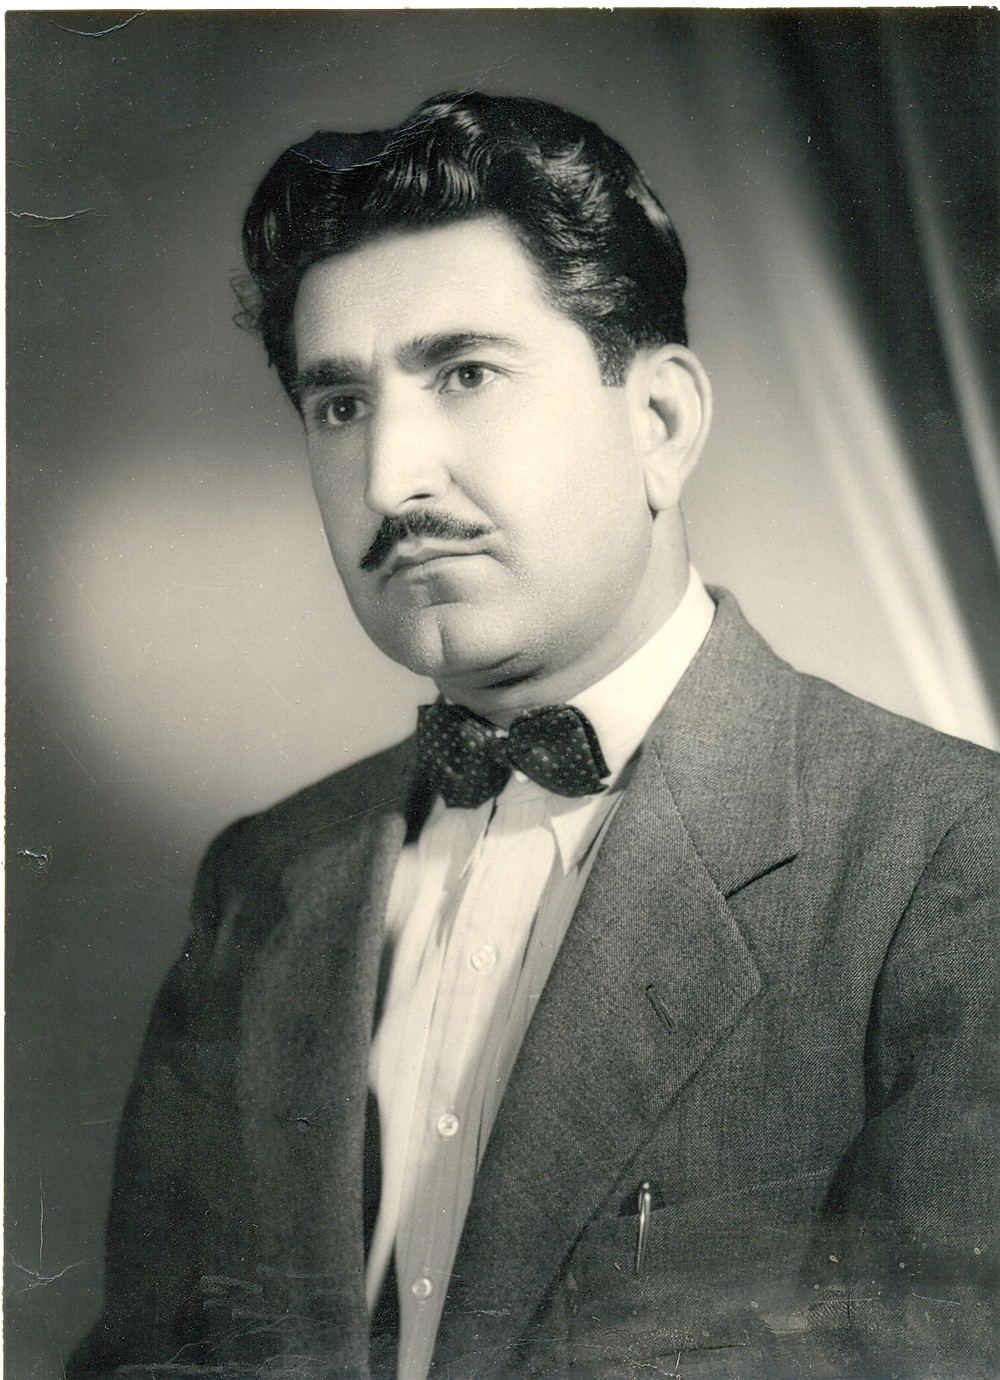 People's Poet of Balochistan, Mir Gul Khan Nasir.